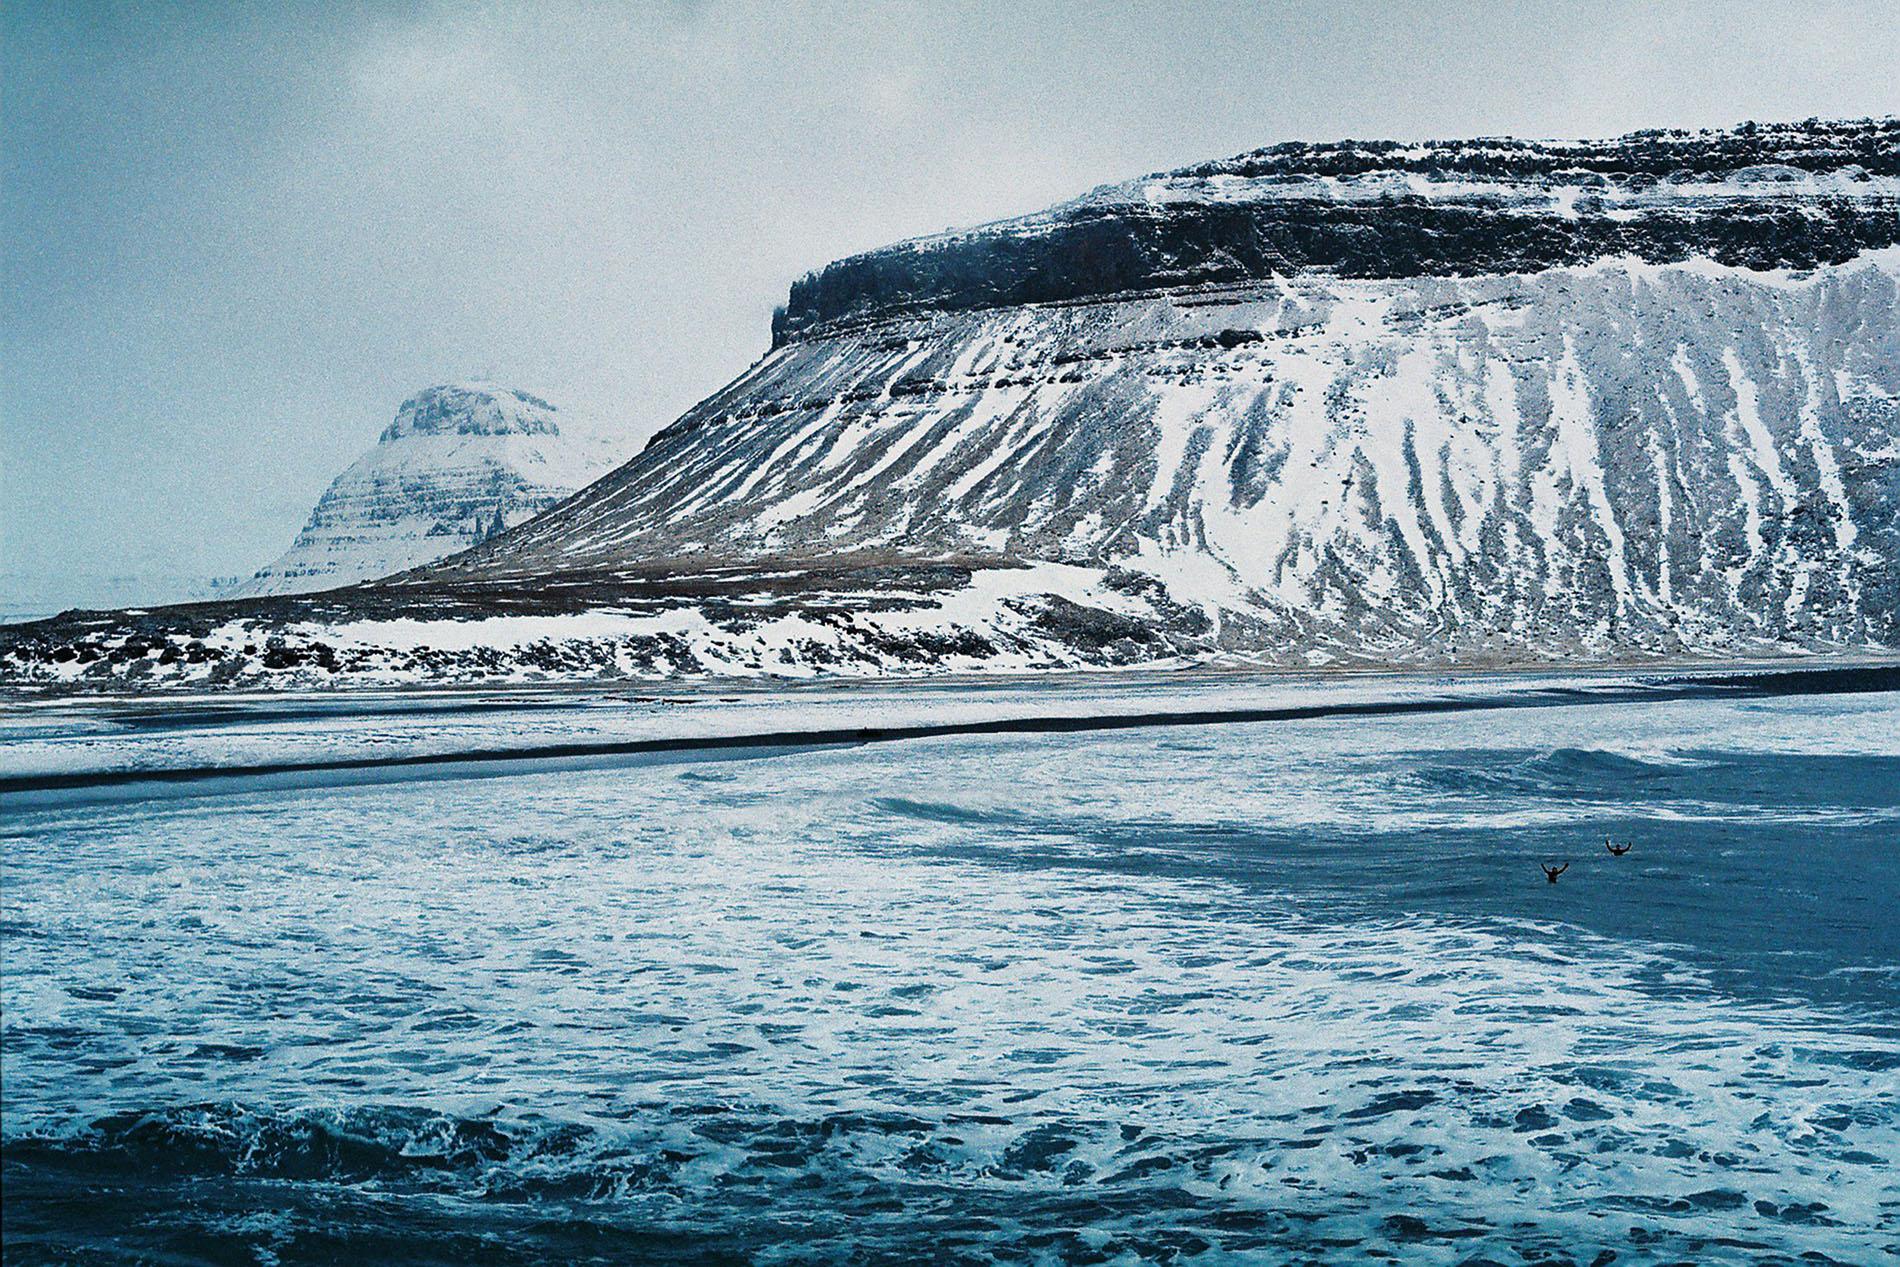 Dane_Iceland_002.jpg